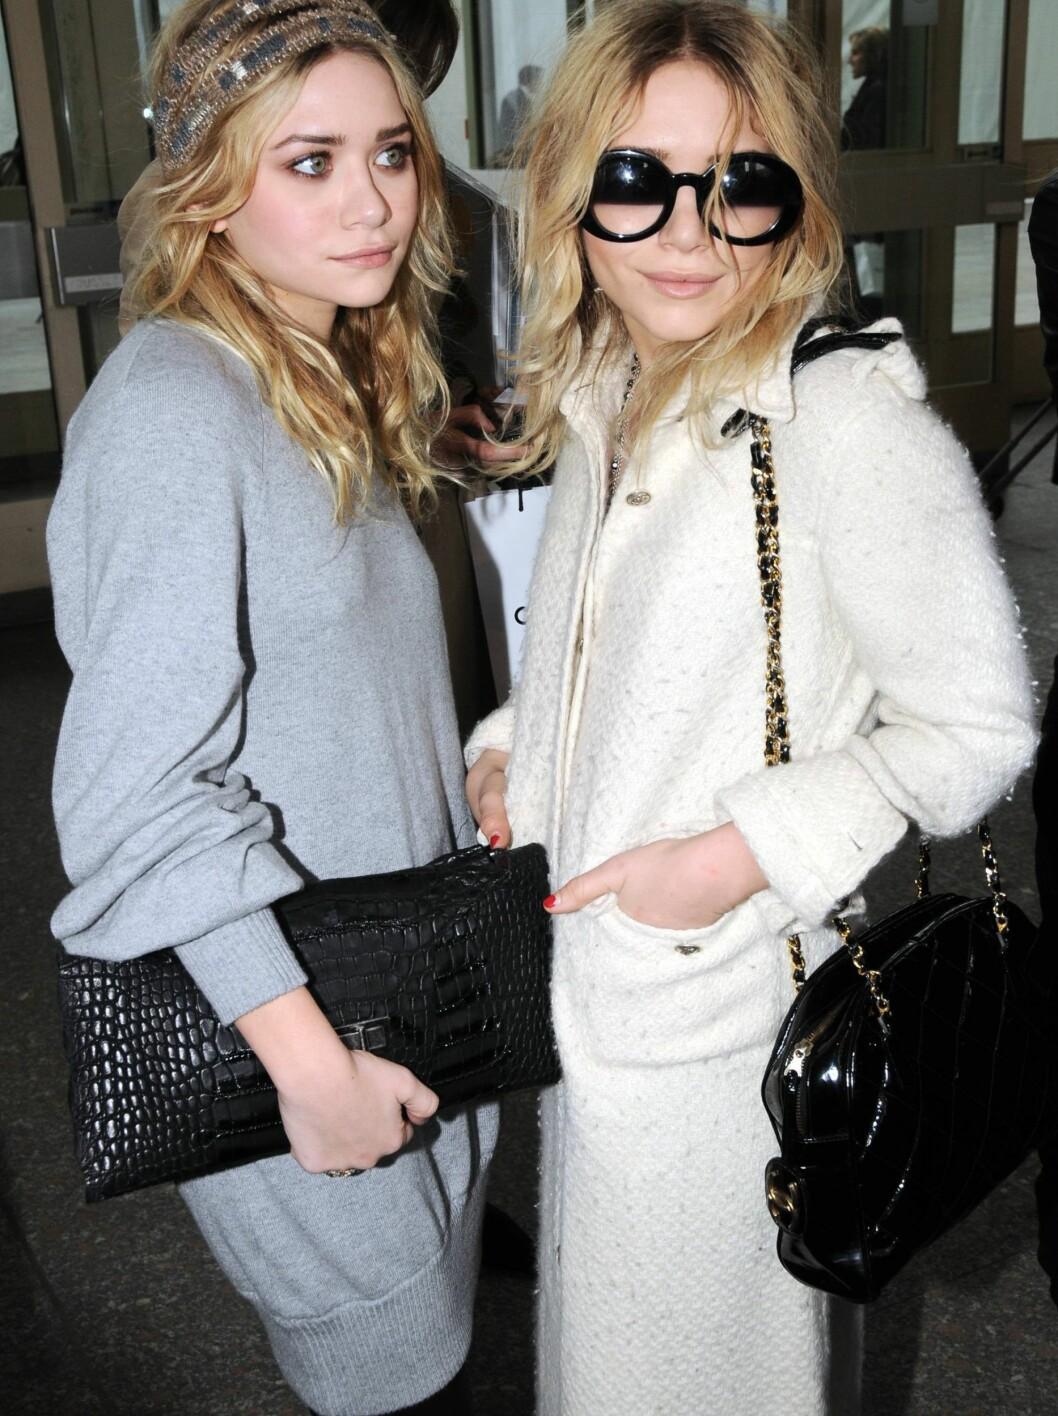 Mary-Kate og Ashley Olsen er kåret til de verst kledde stjernene av In Touch. Foto: All Over Press